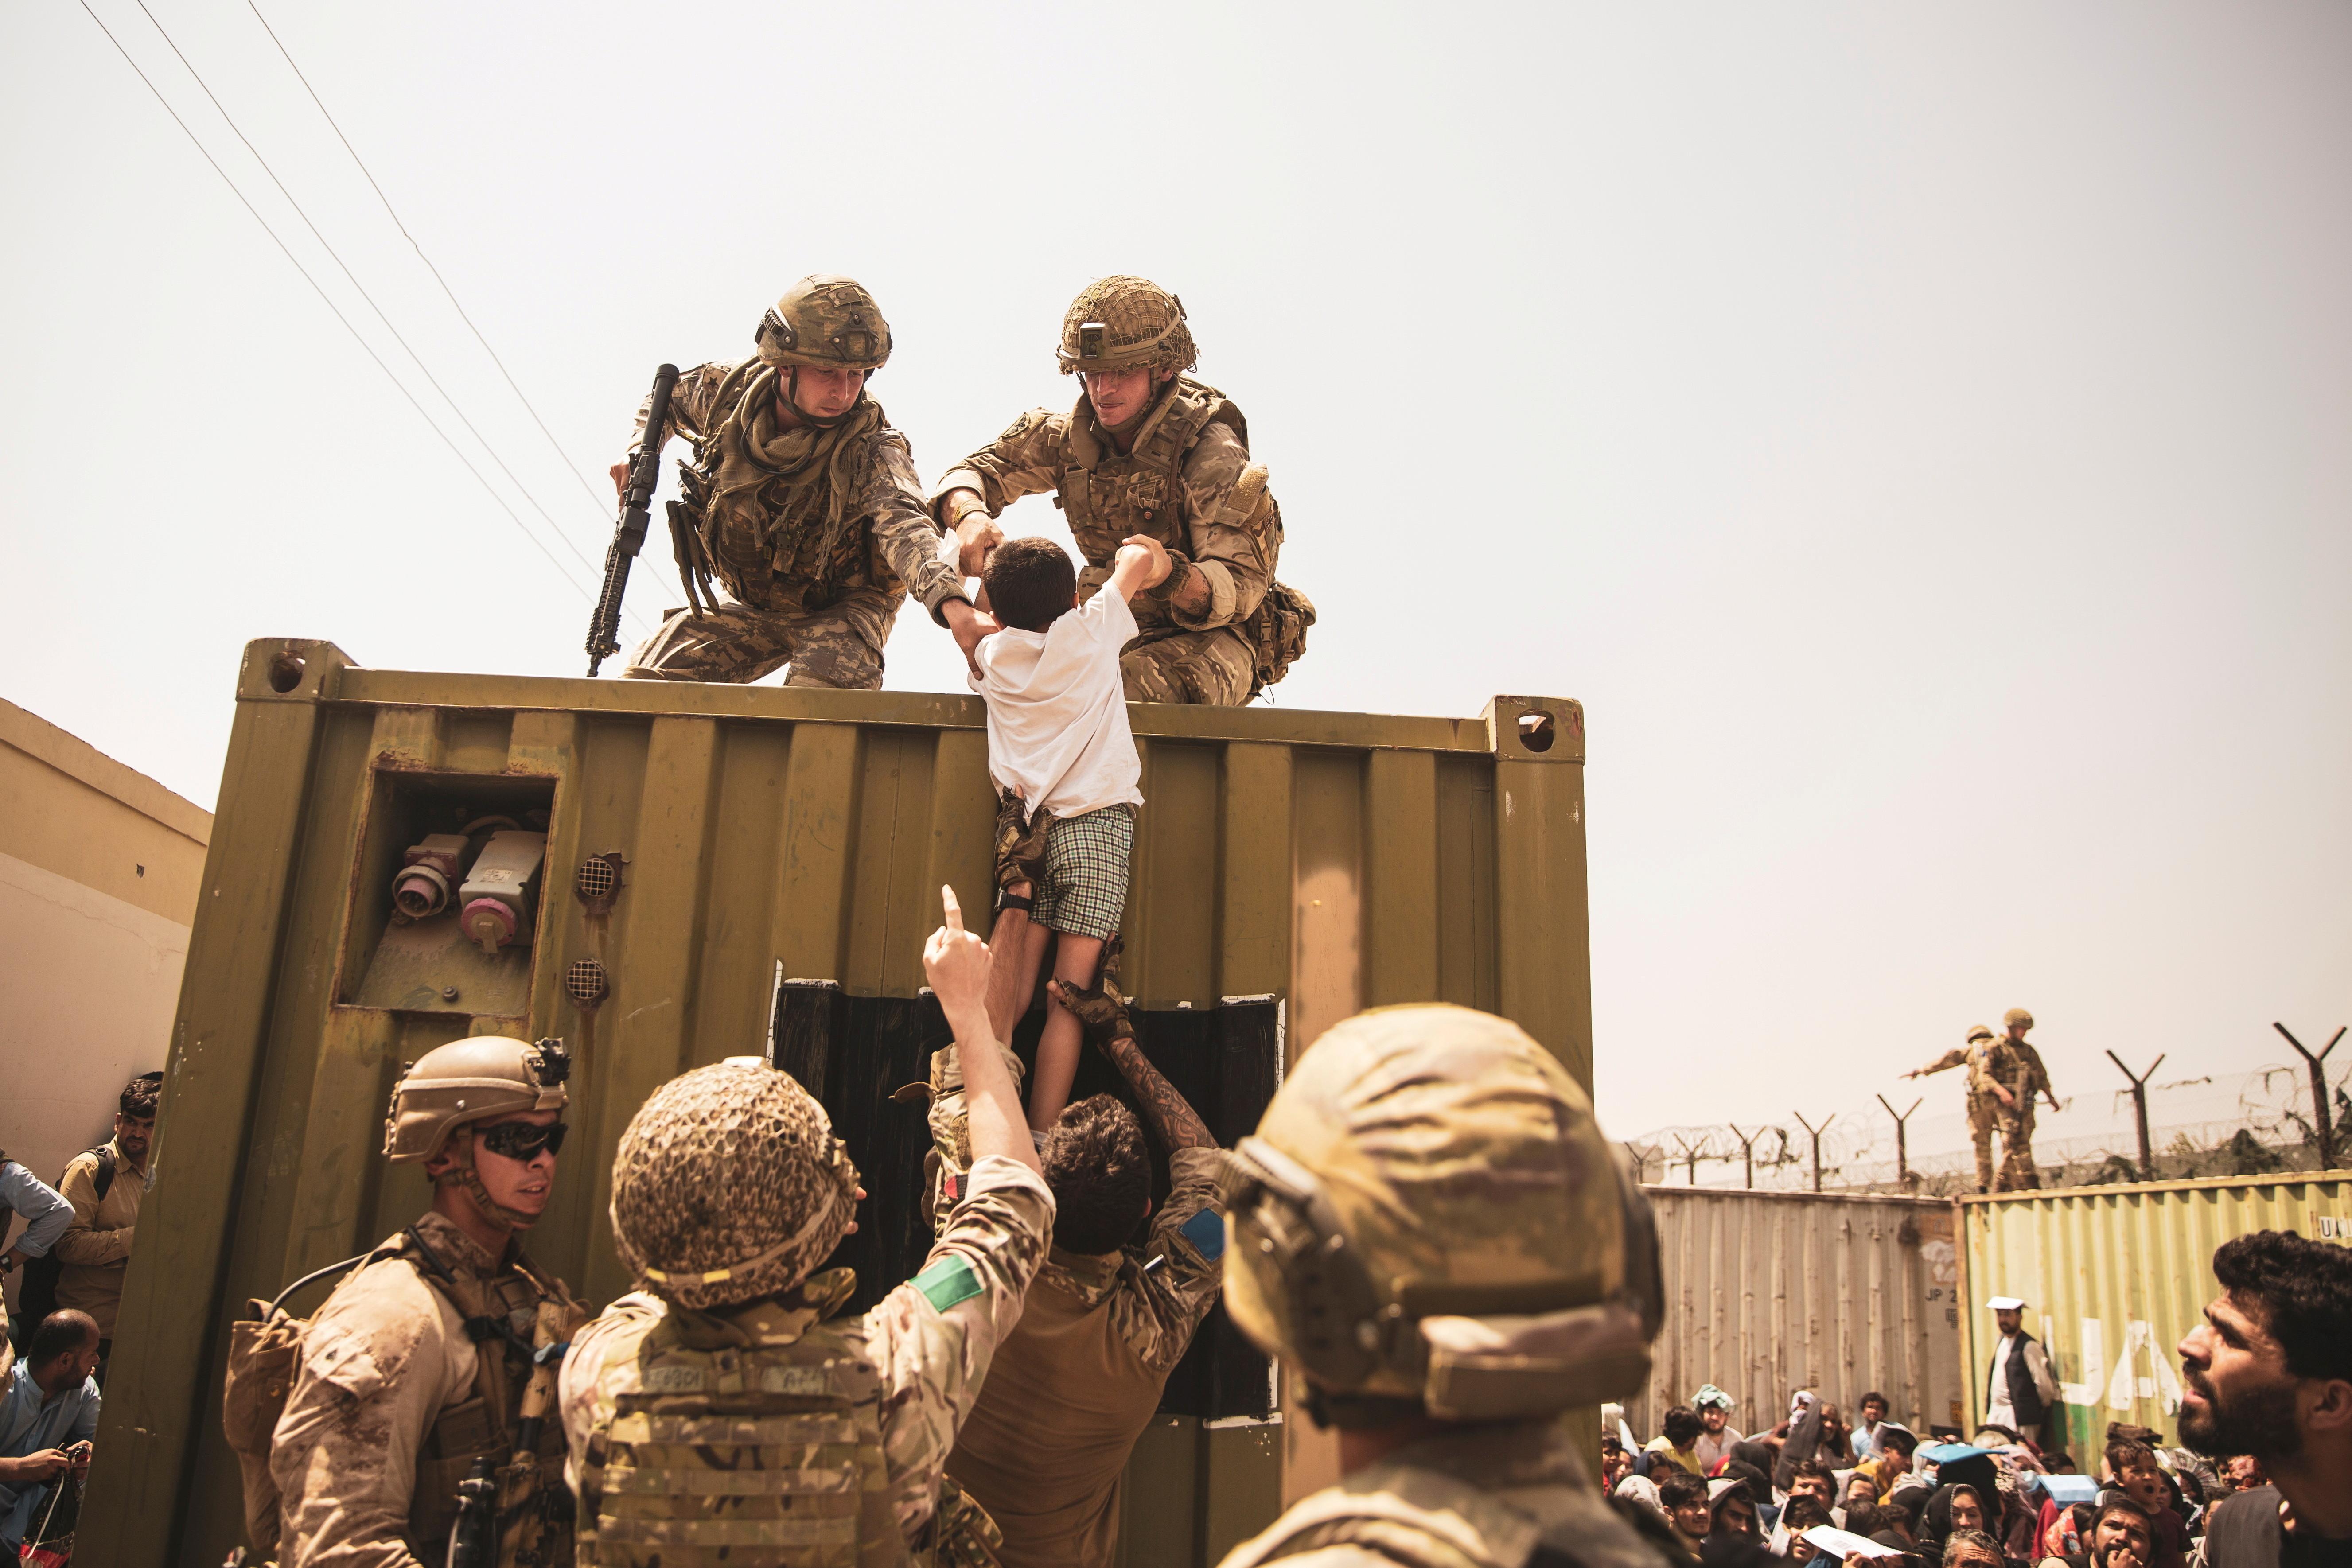 塔利班,阿富汗,阿富汗伊斯蘭酋長國,美國,拜登,美軍,喀布爾,恐怖主義,中國,王毅,一帶一路